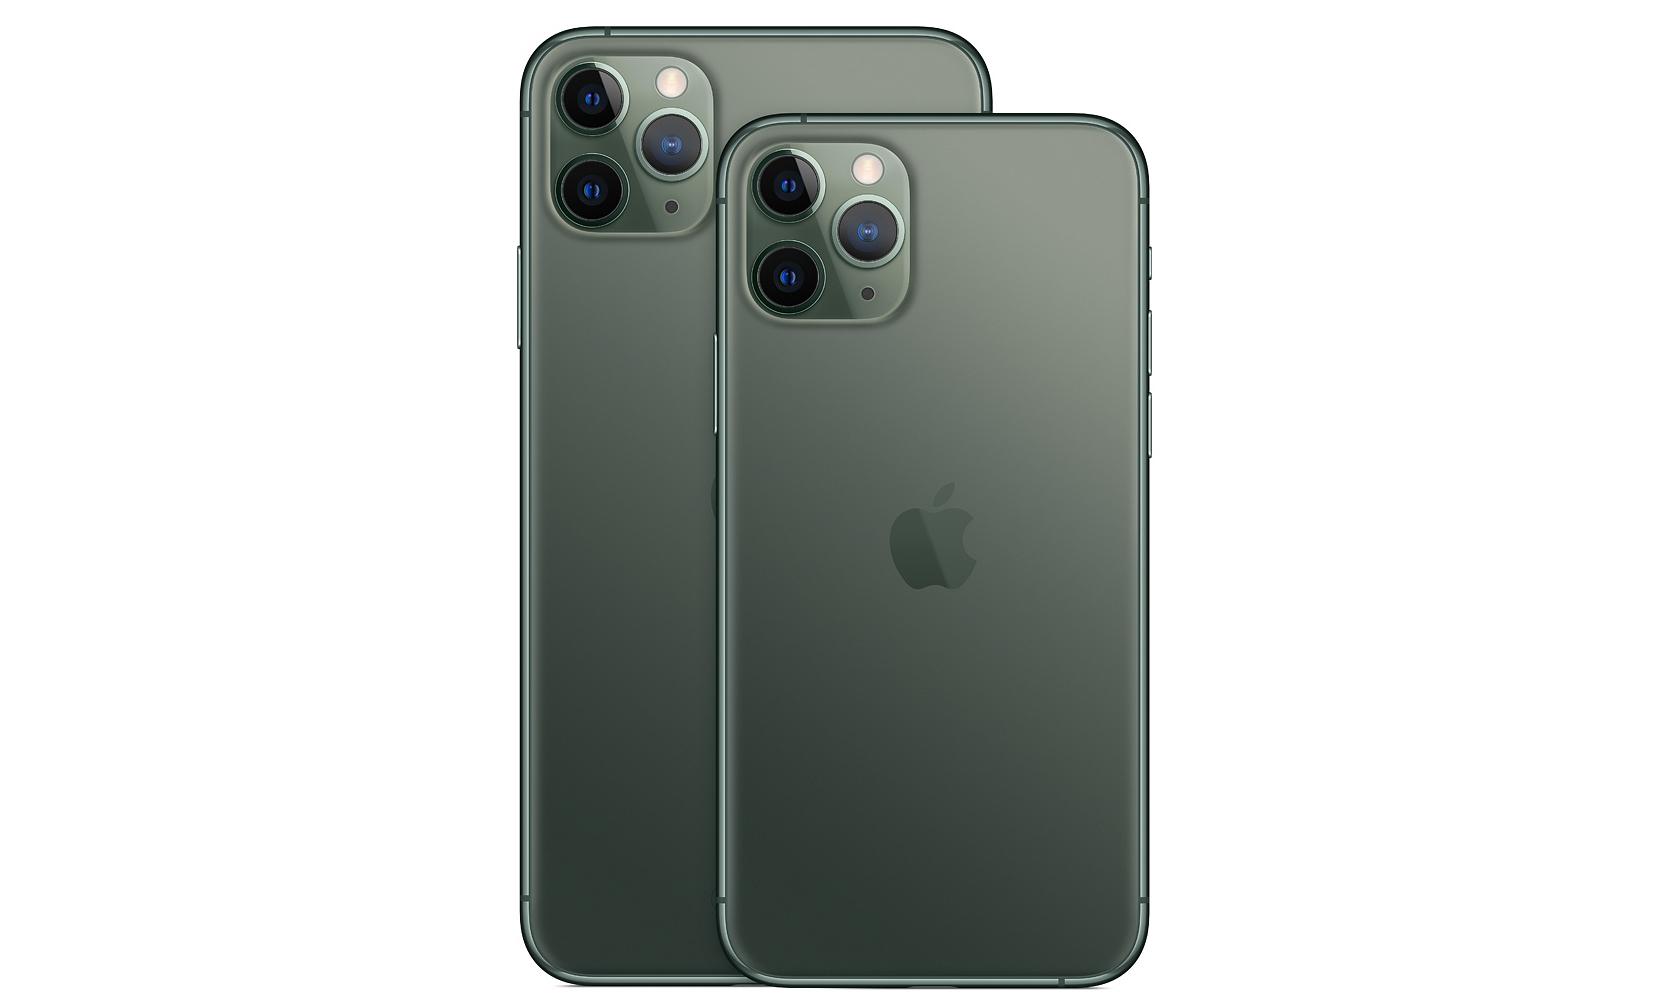 2020 年 iPhone 尺寸将有「大变化」